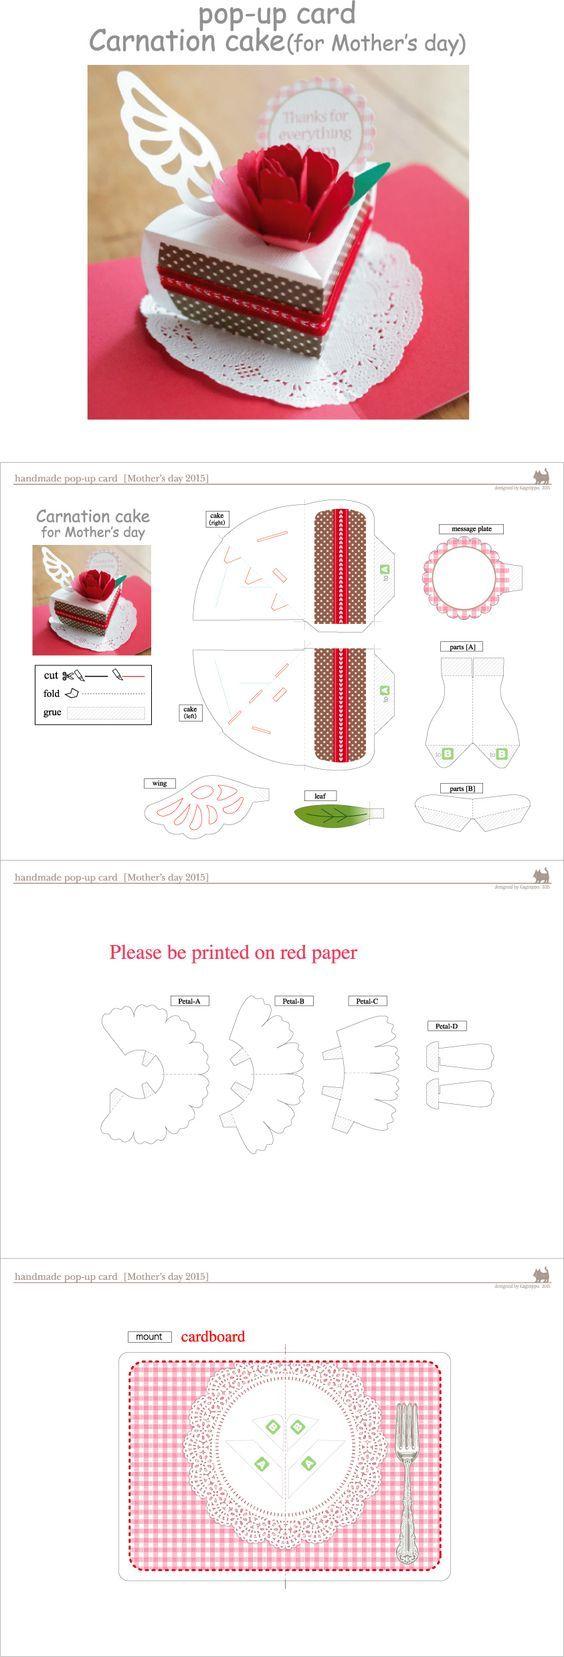 diseños de tarjetas Pop-up para el día de las madres